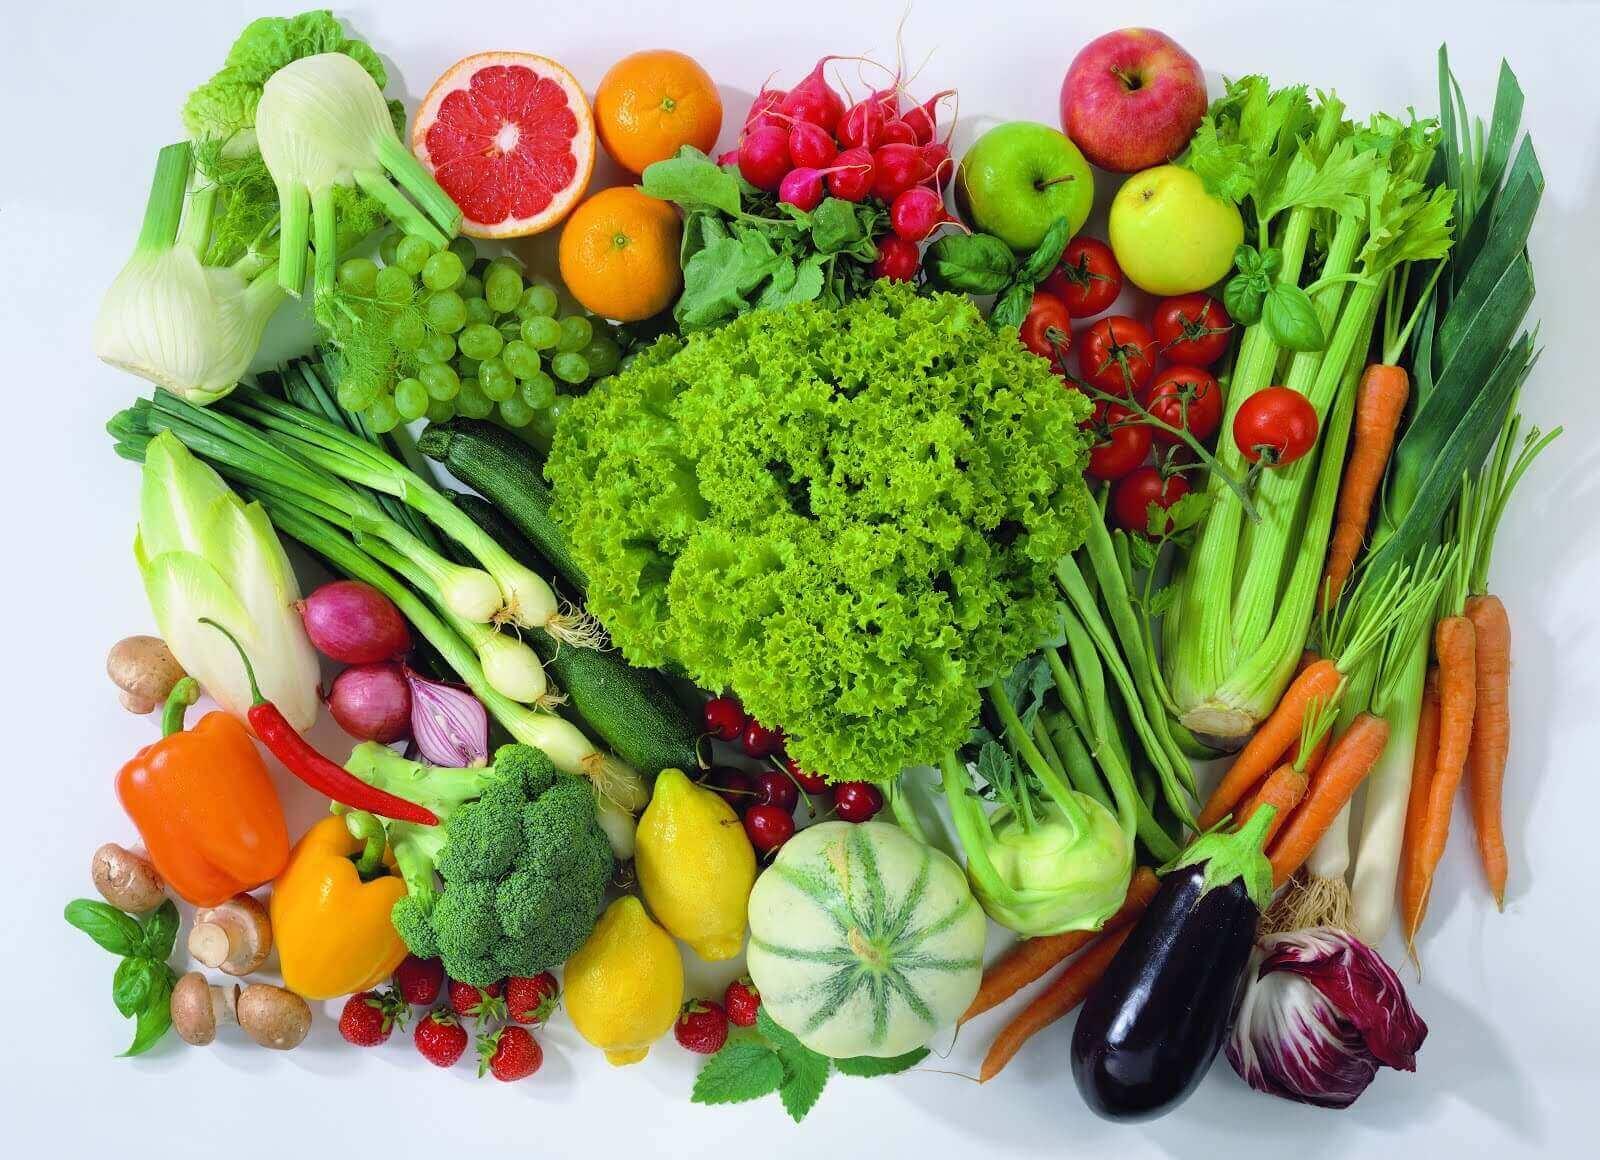 Öka konsumtionen av frukt och grönt